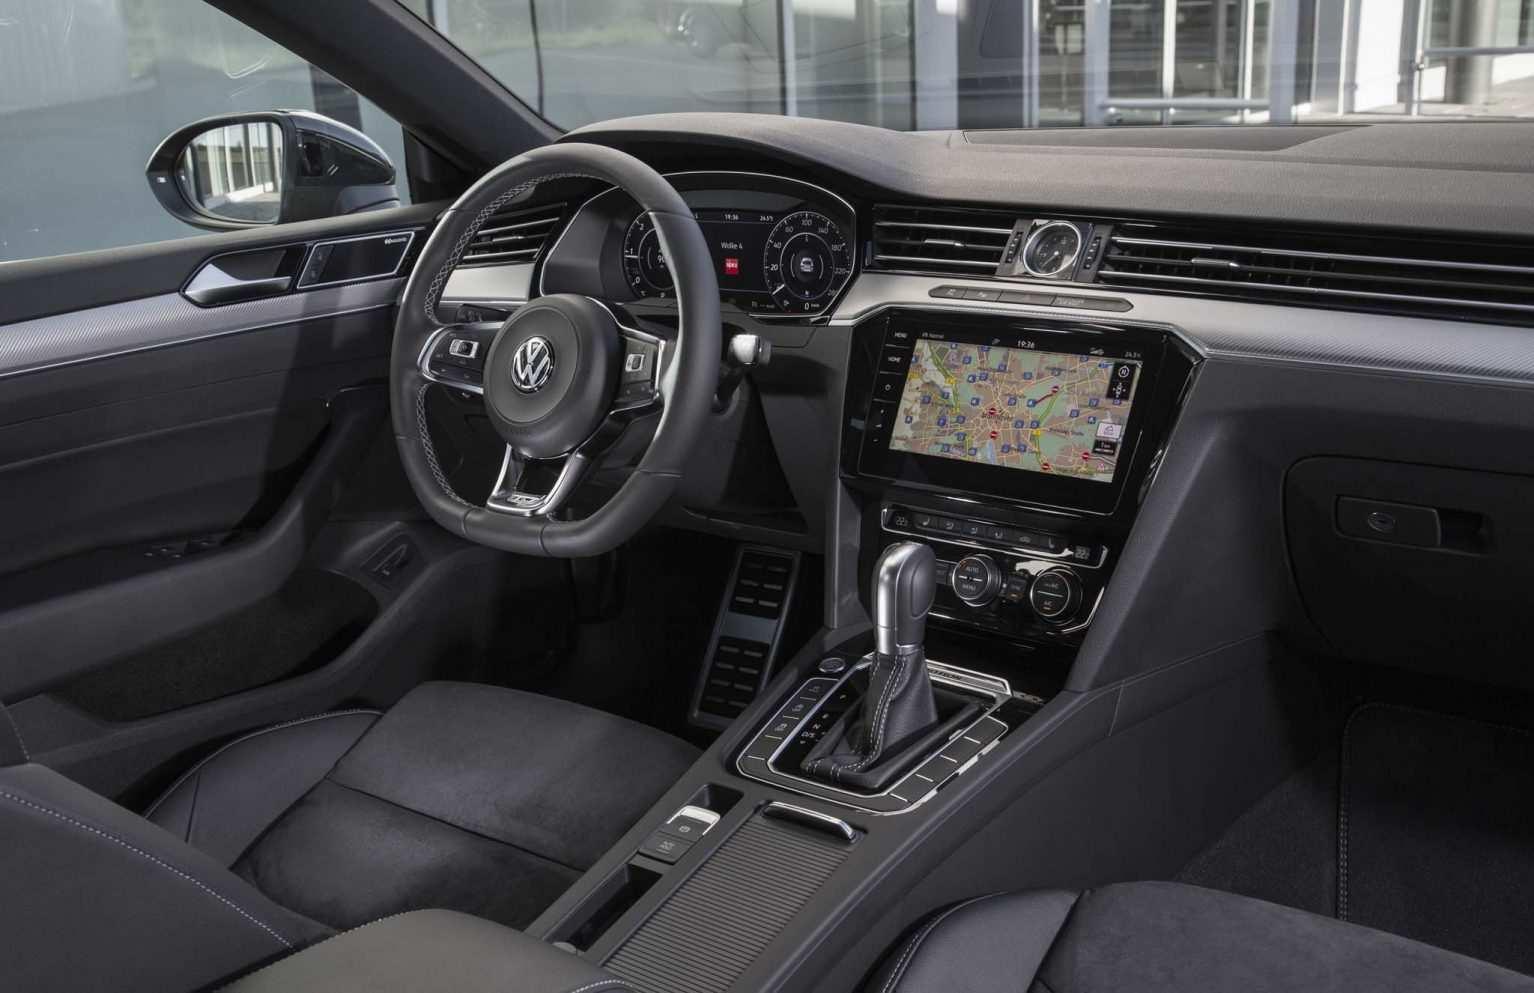 15 The The Volkswagen Passat 2019 Interior Spy Shoot Specs for The Volkswagen Passat 2019 Interior Spy Shoot